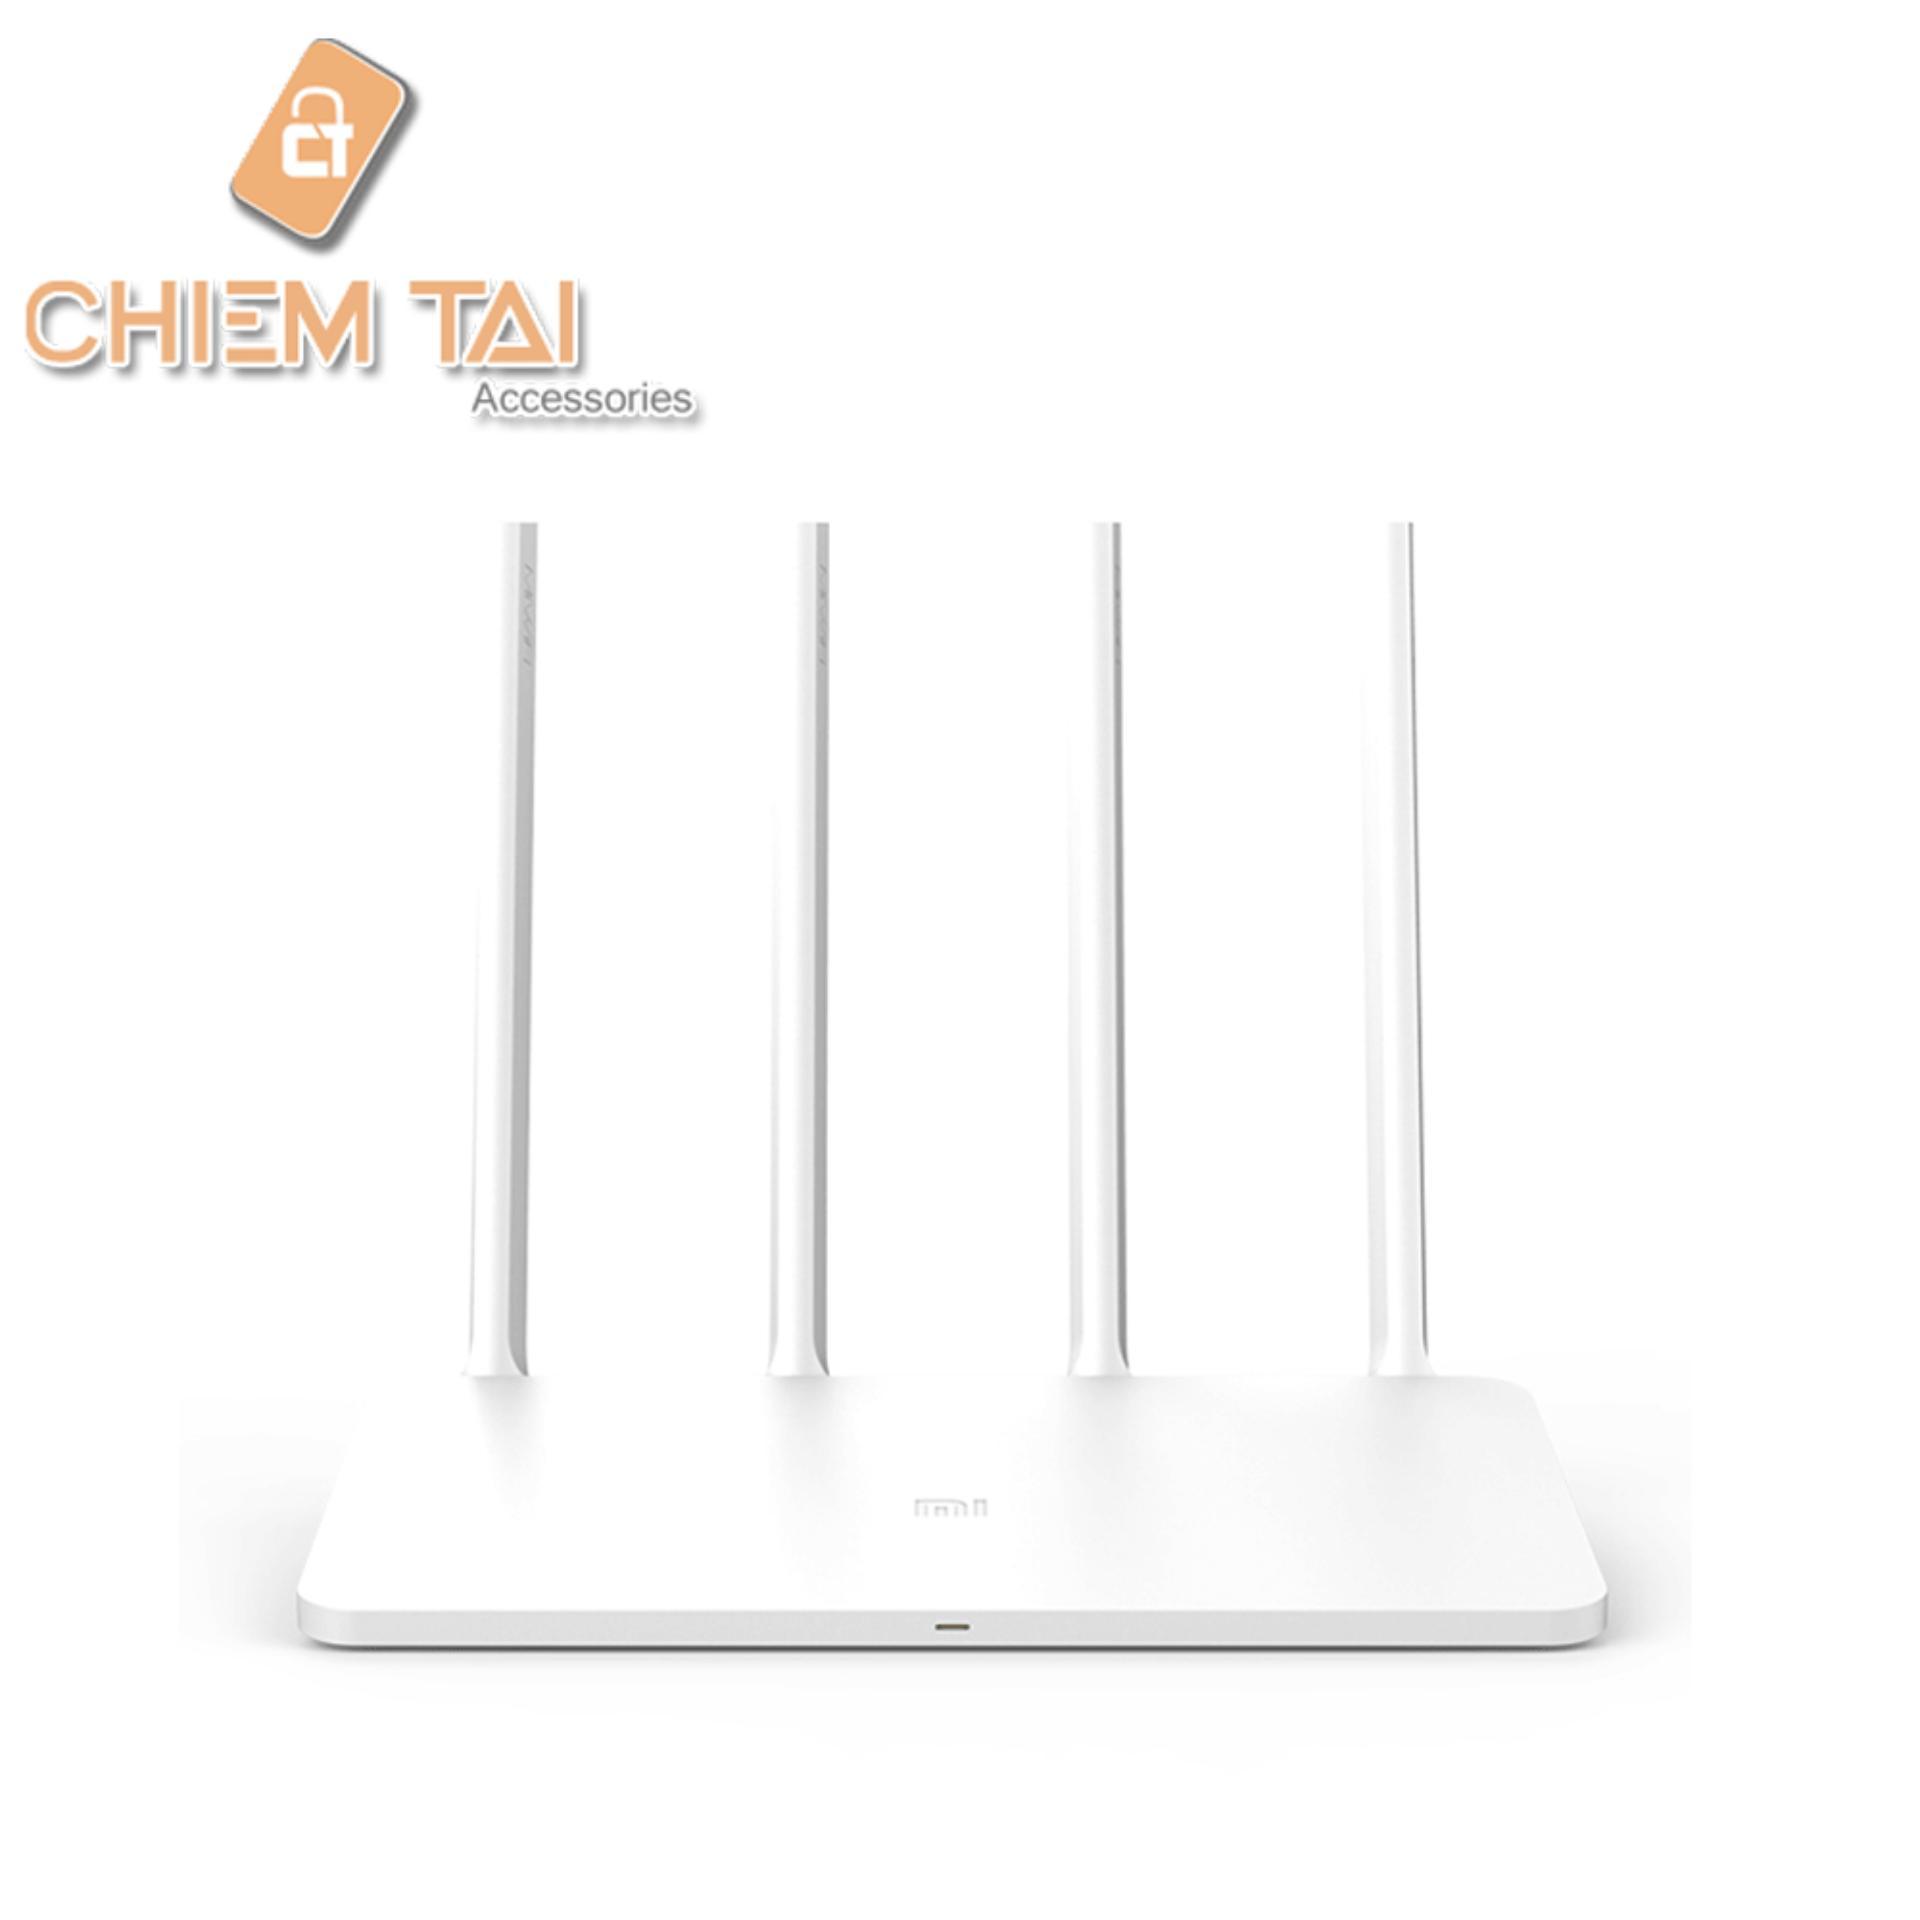 Đánh giá Router Wifi Xiaomi Gen 3 với 4 Anten (Trắng) Tại Chiếm Tài Mobile (Tp.HCM)